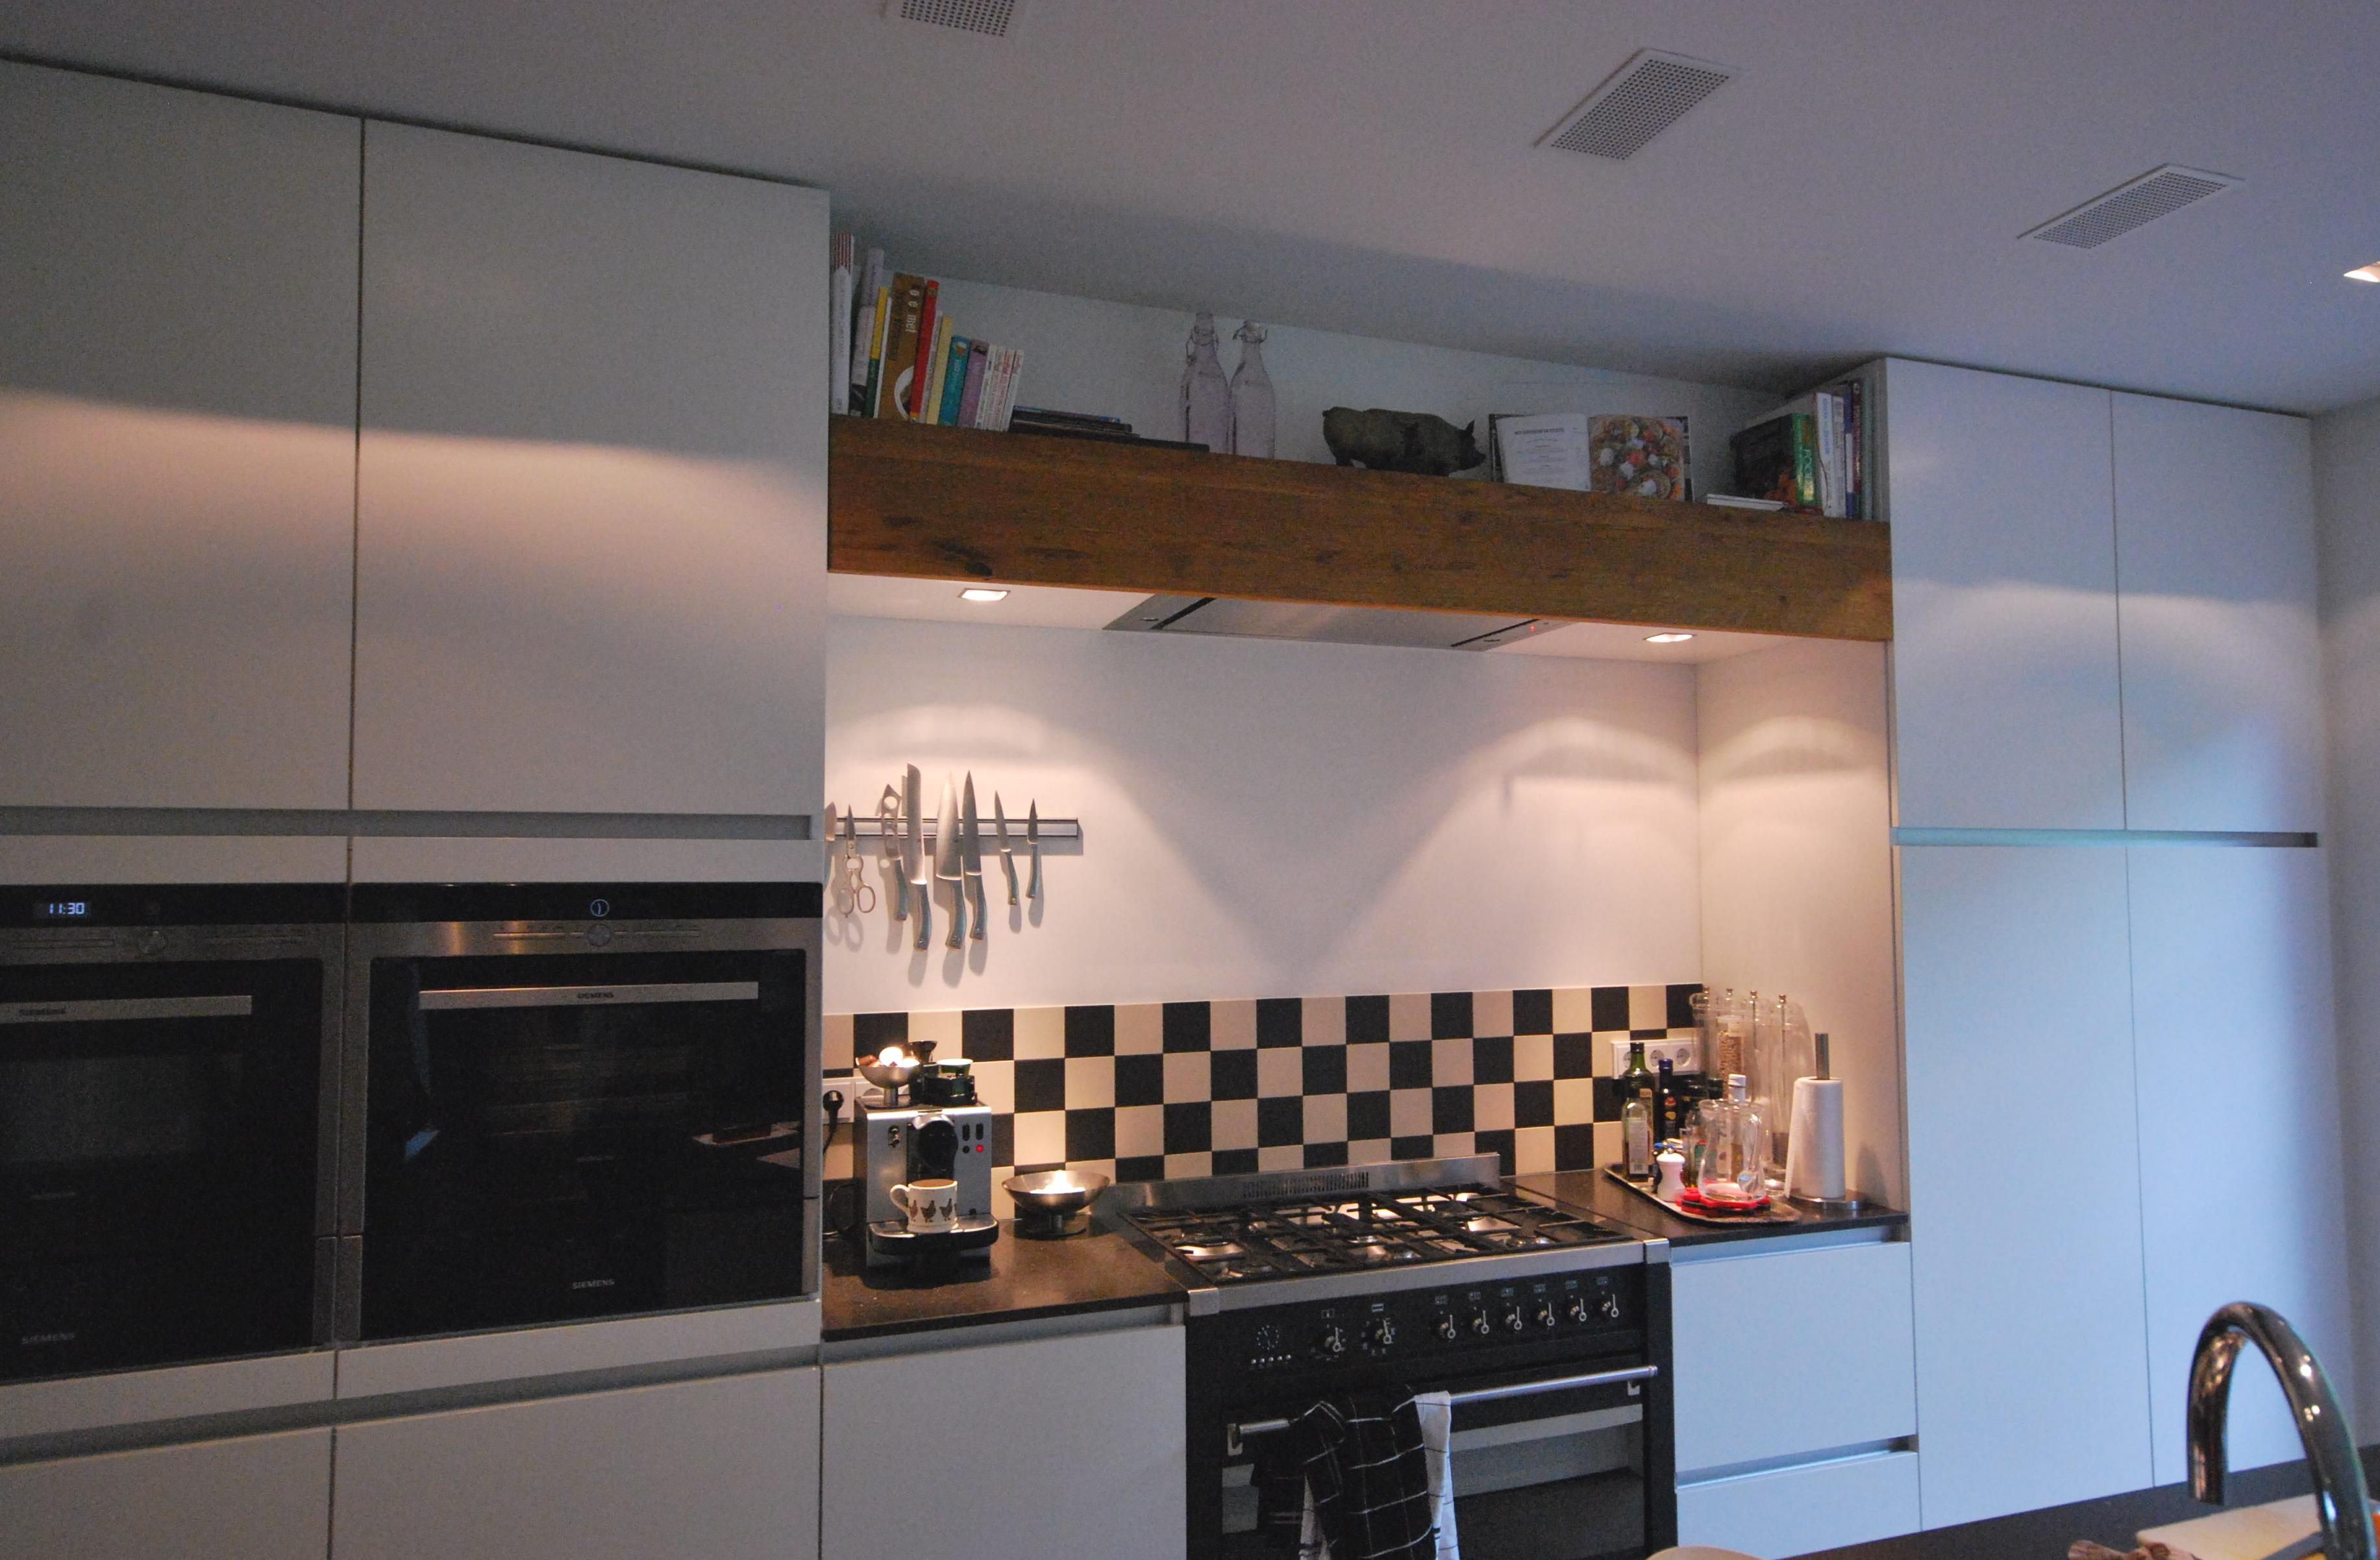 Moderne mat witte greeploze woonkeuken met fornuis van smeg